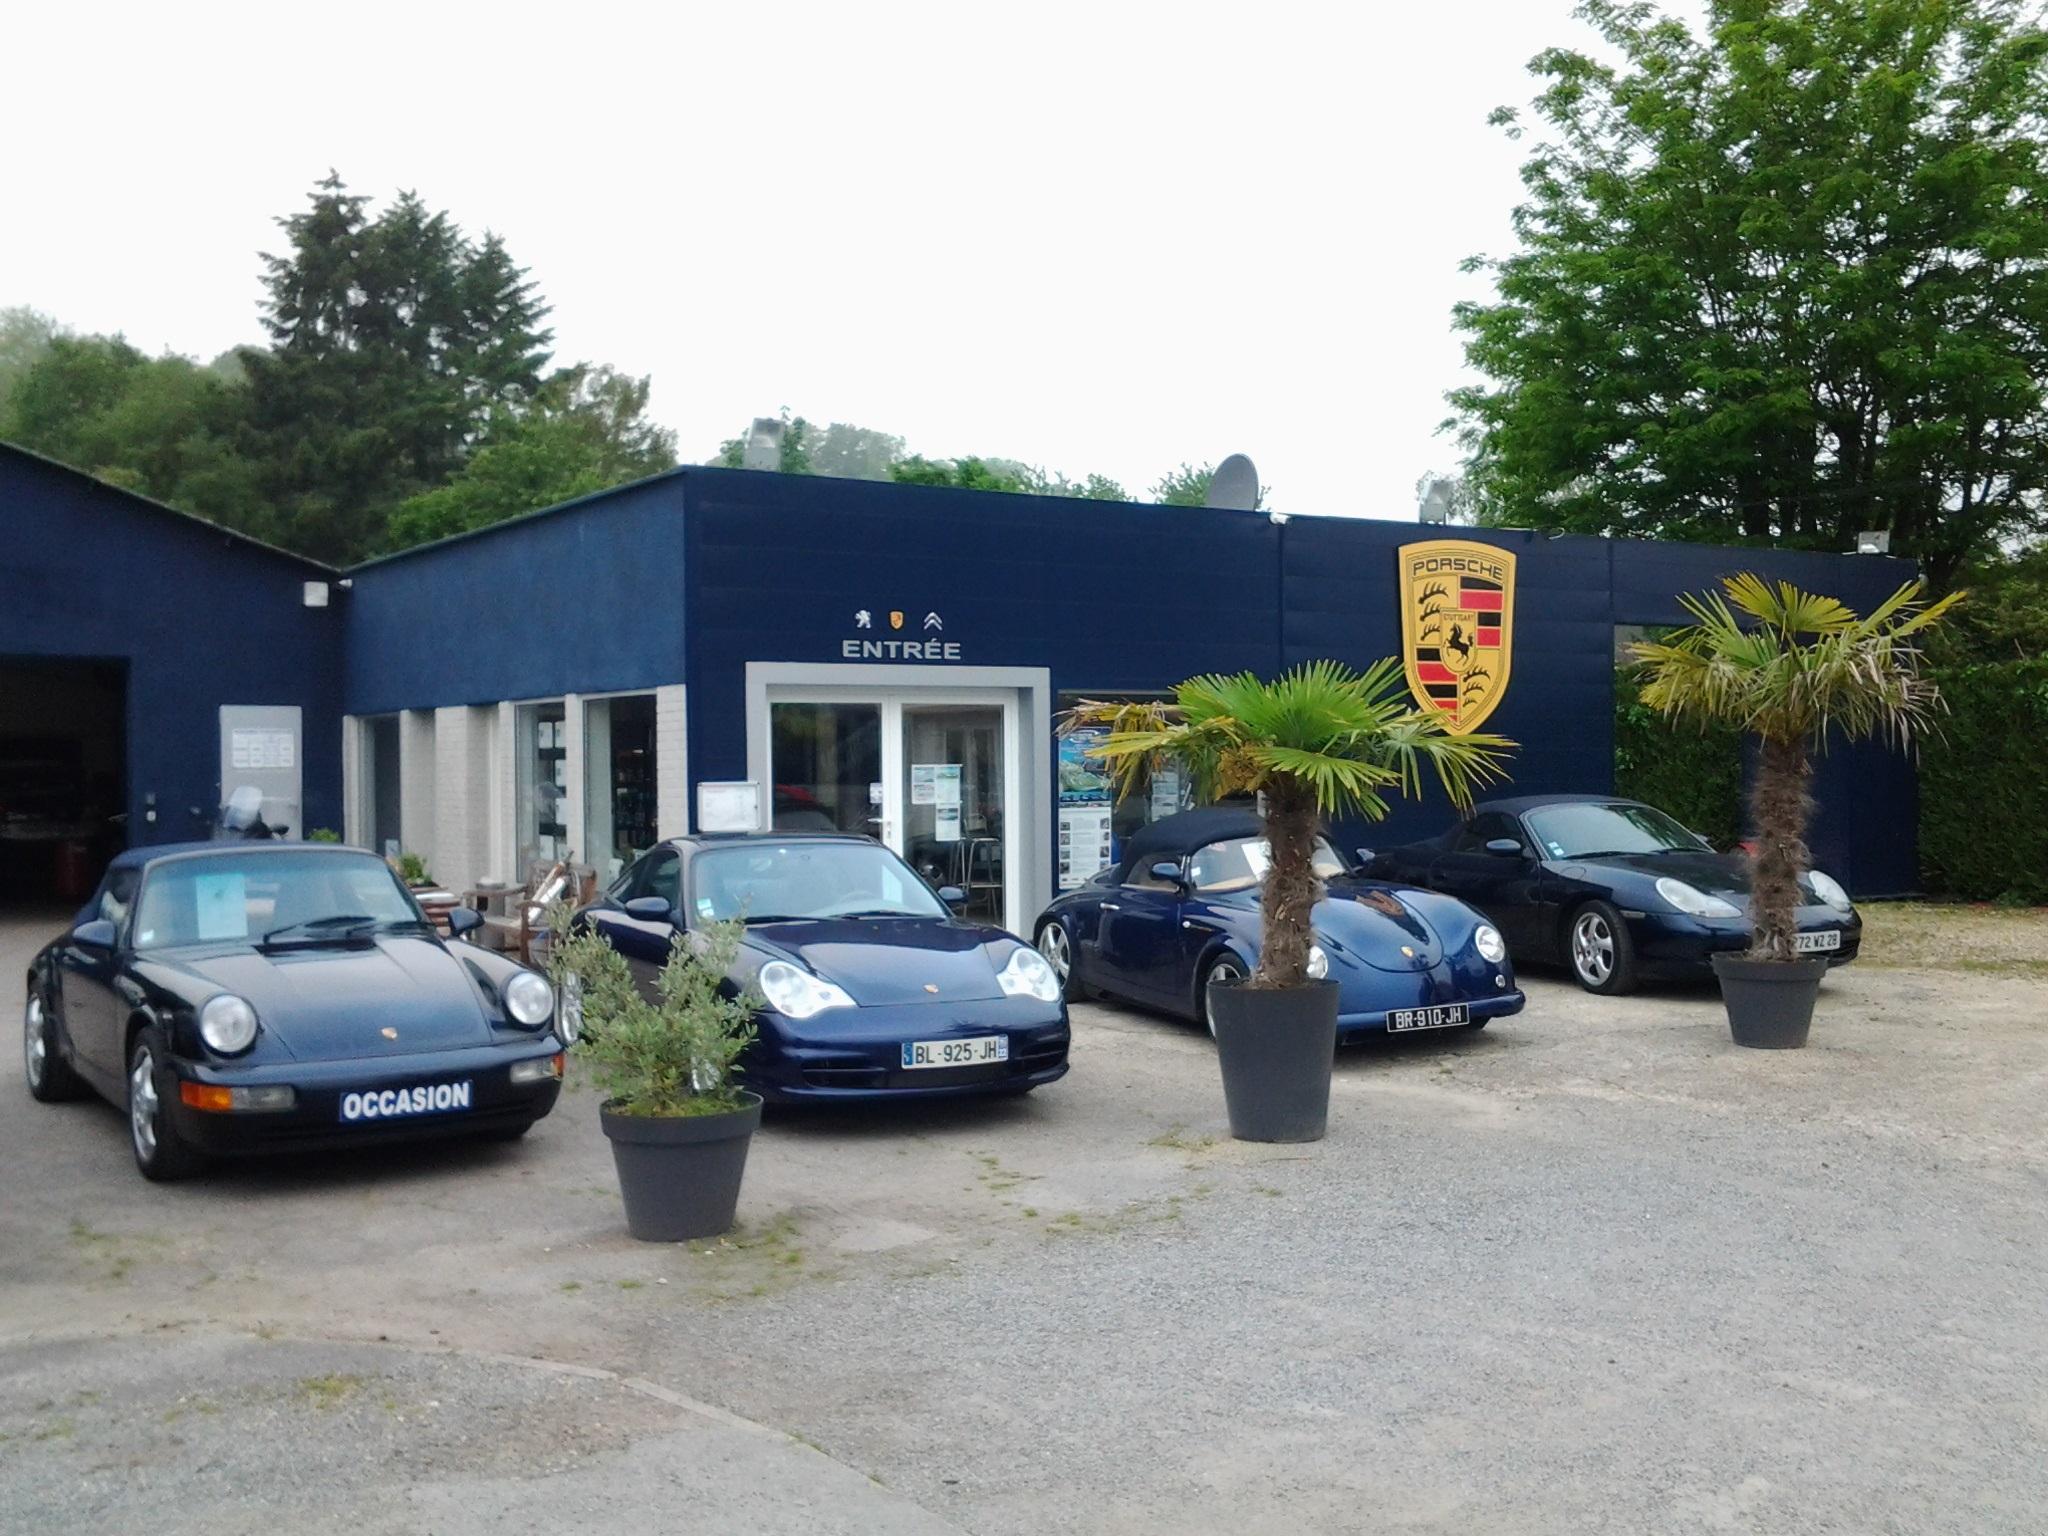 Garage pitot voiture occasion charpont vente auto charpont for Vente vehicule garage